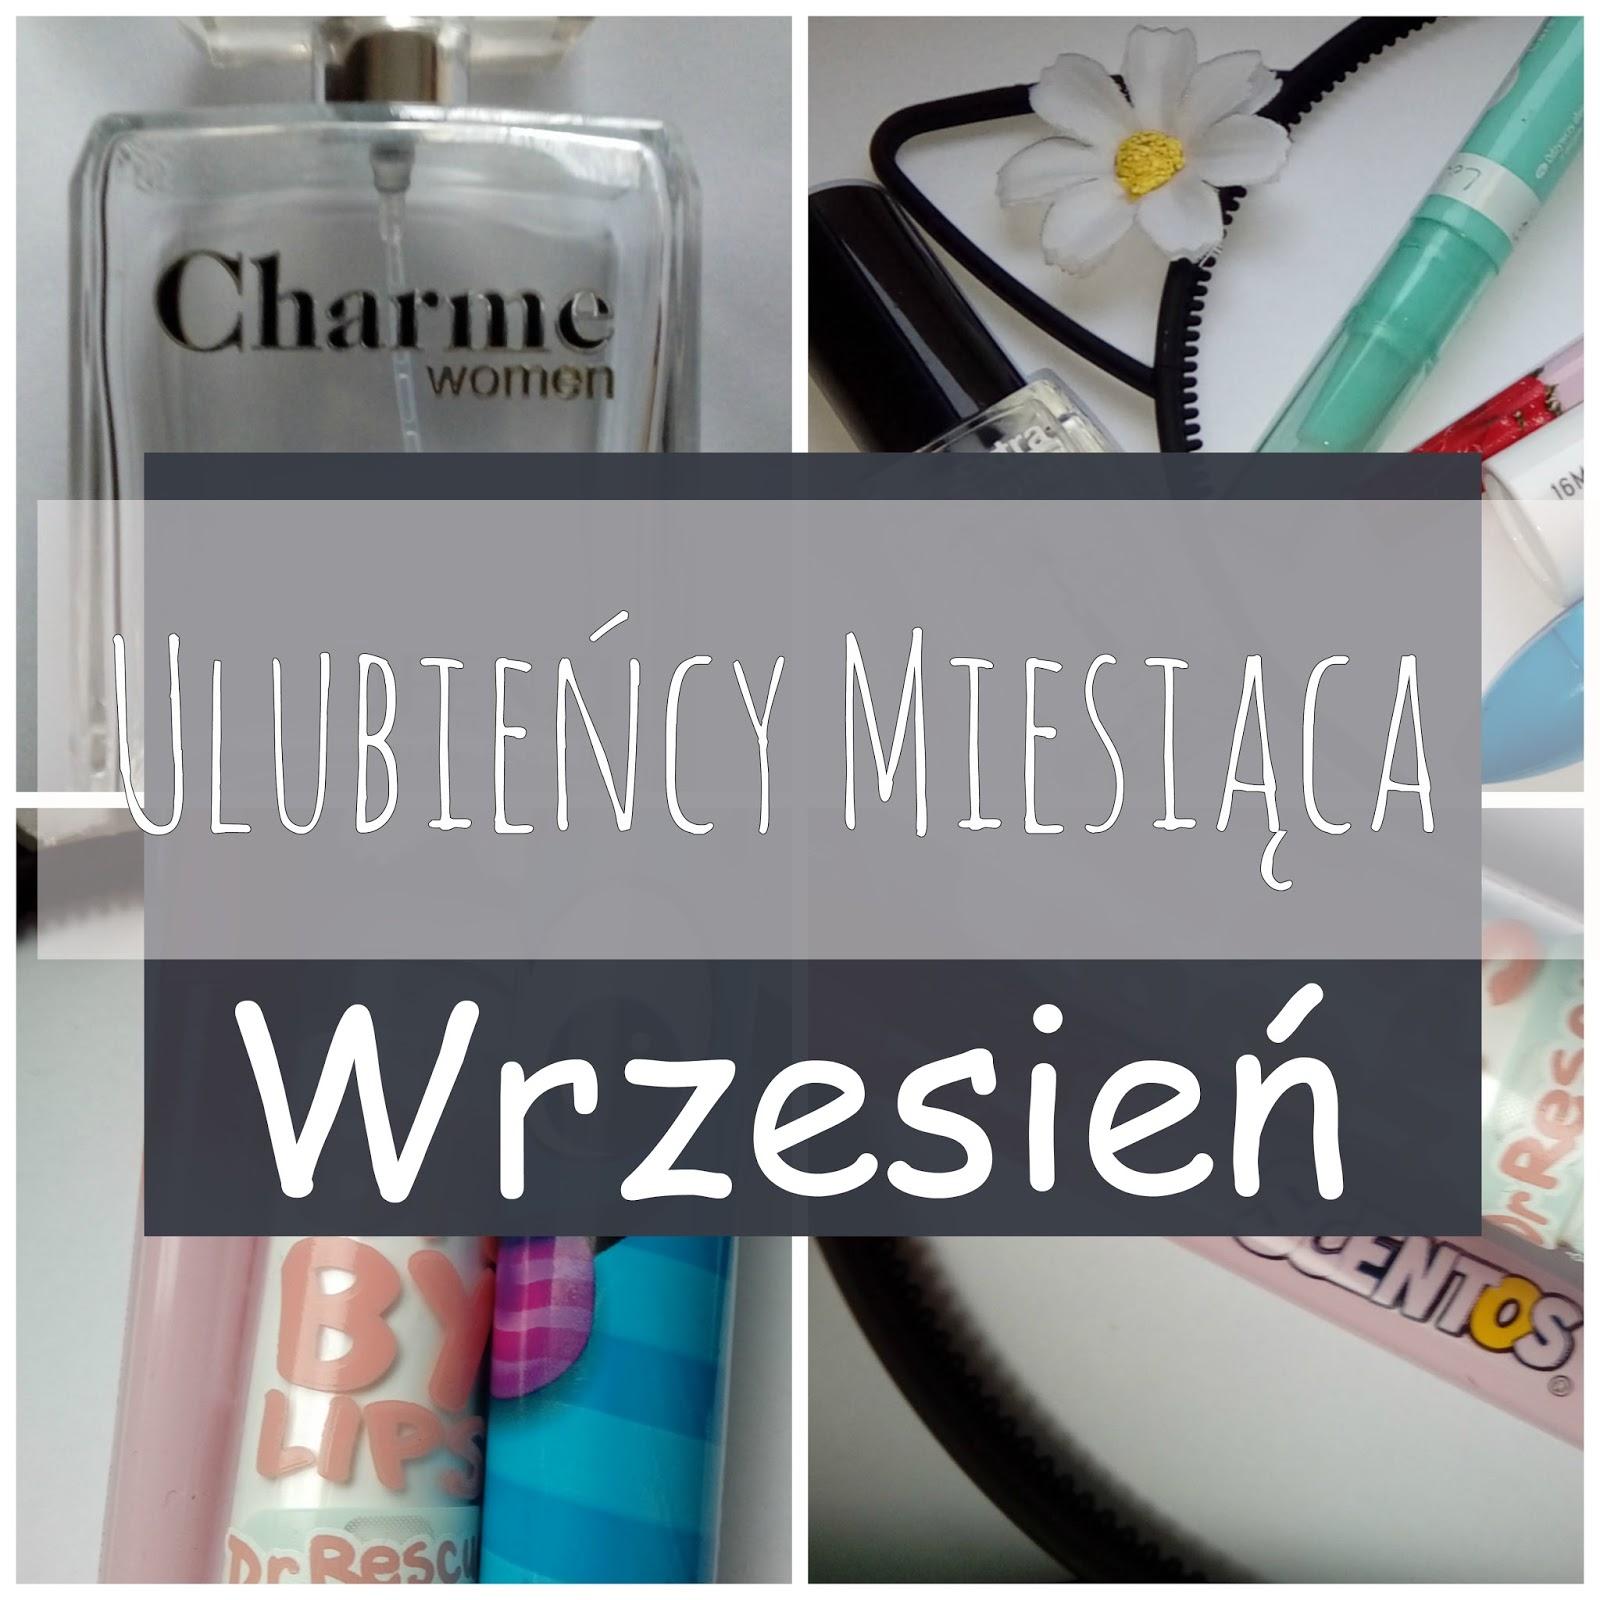 My life is Wonderful: Ulubieńcy Miesiąca - Wrzesień